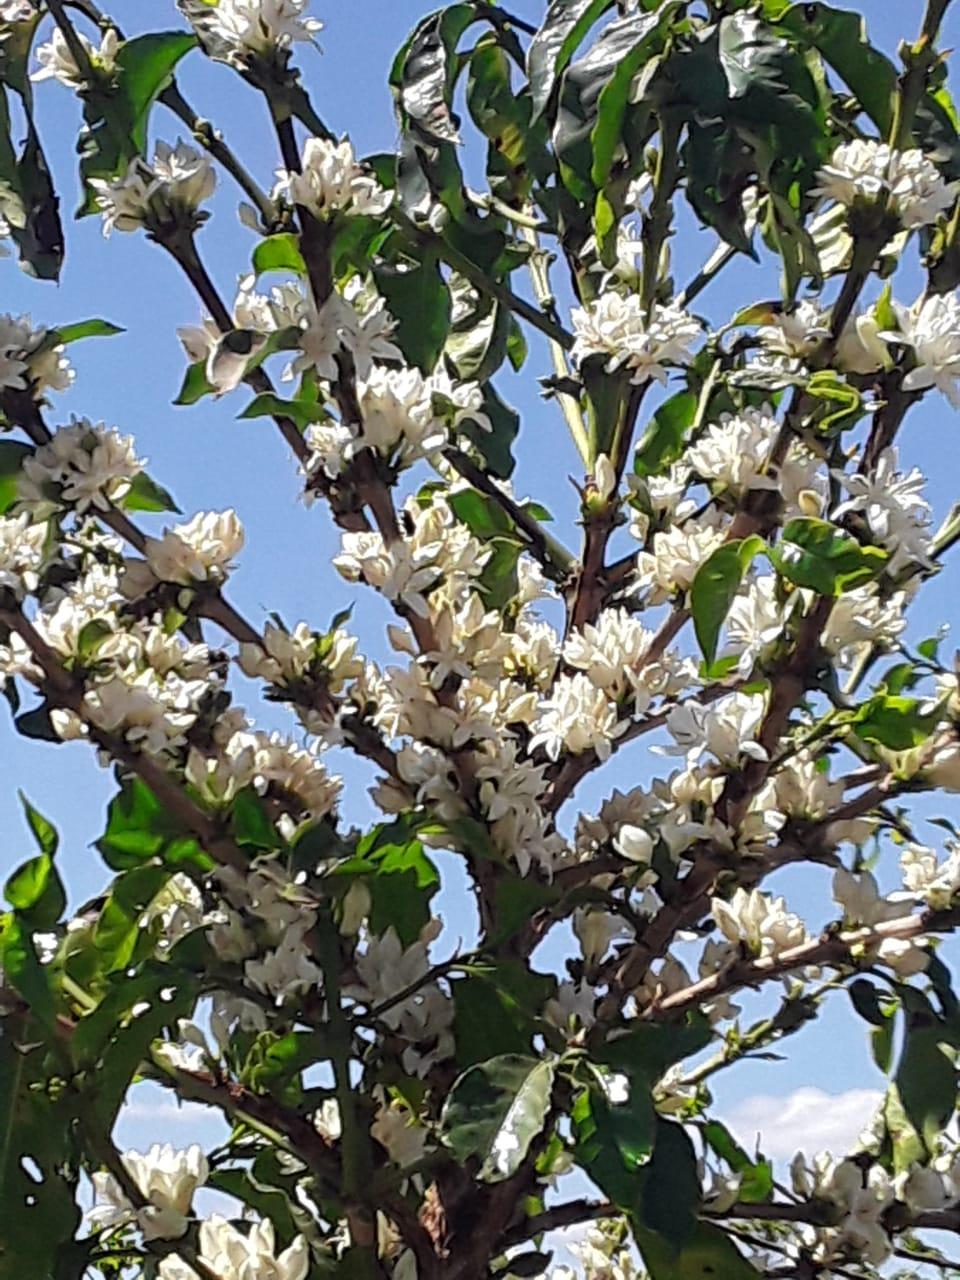 Florada tempo seco no sul de Minas - Geovane Ferreira da Silva